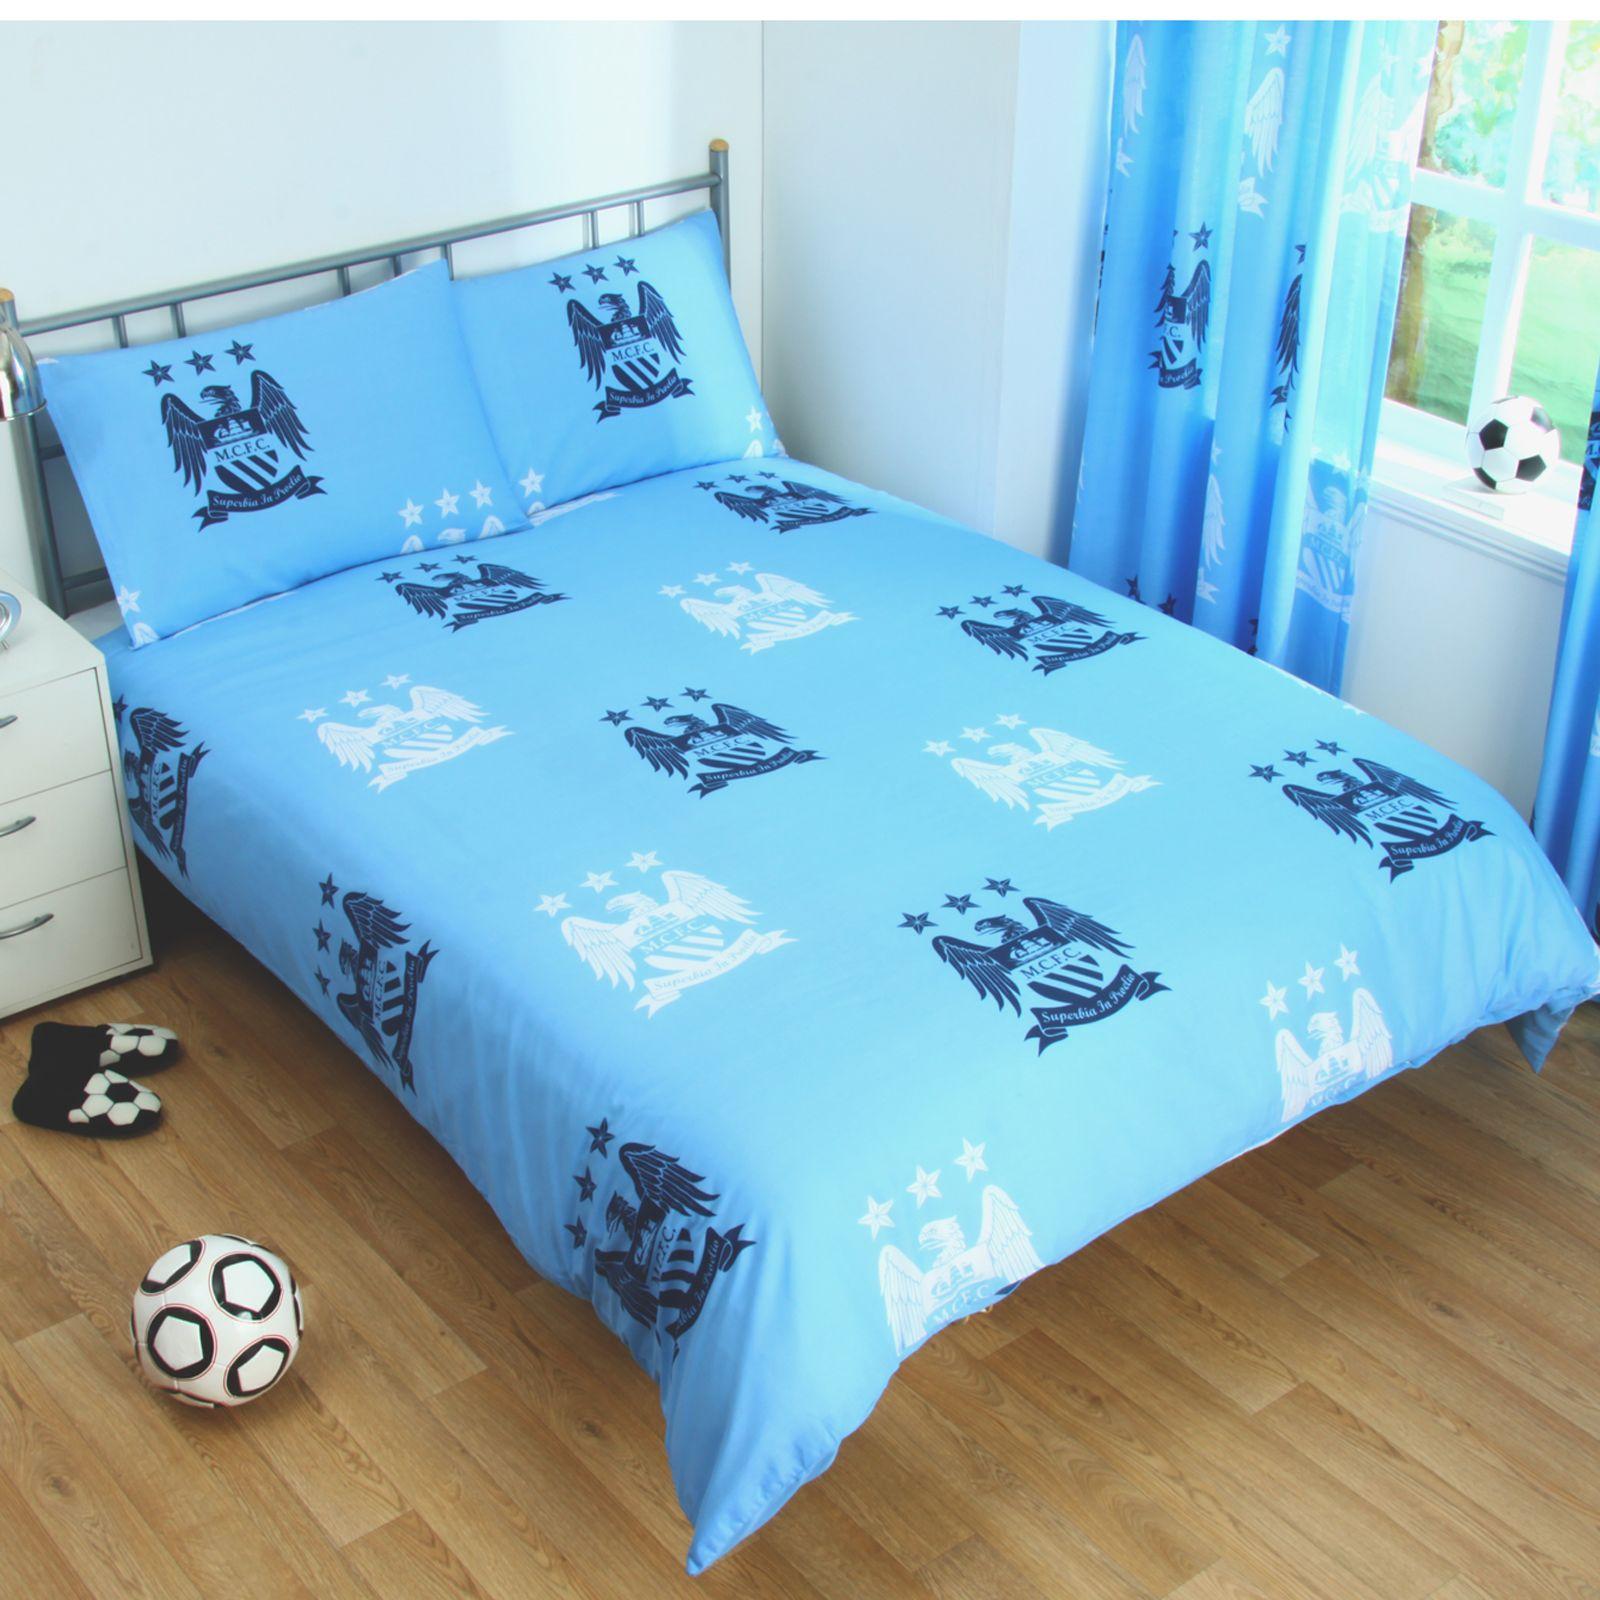 Manchester City Copripiumino Set Crest Blu Football Biancheria da Letto Letto Letto - 7292f6